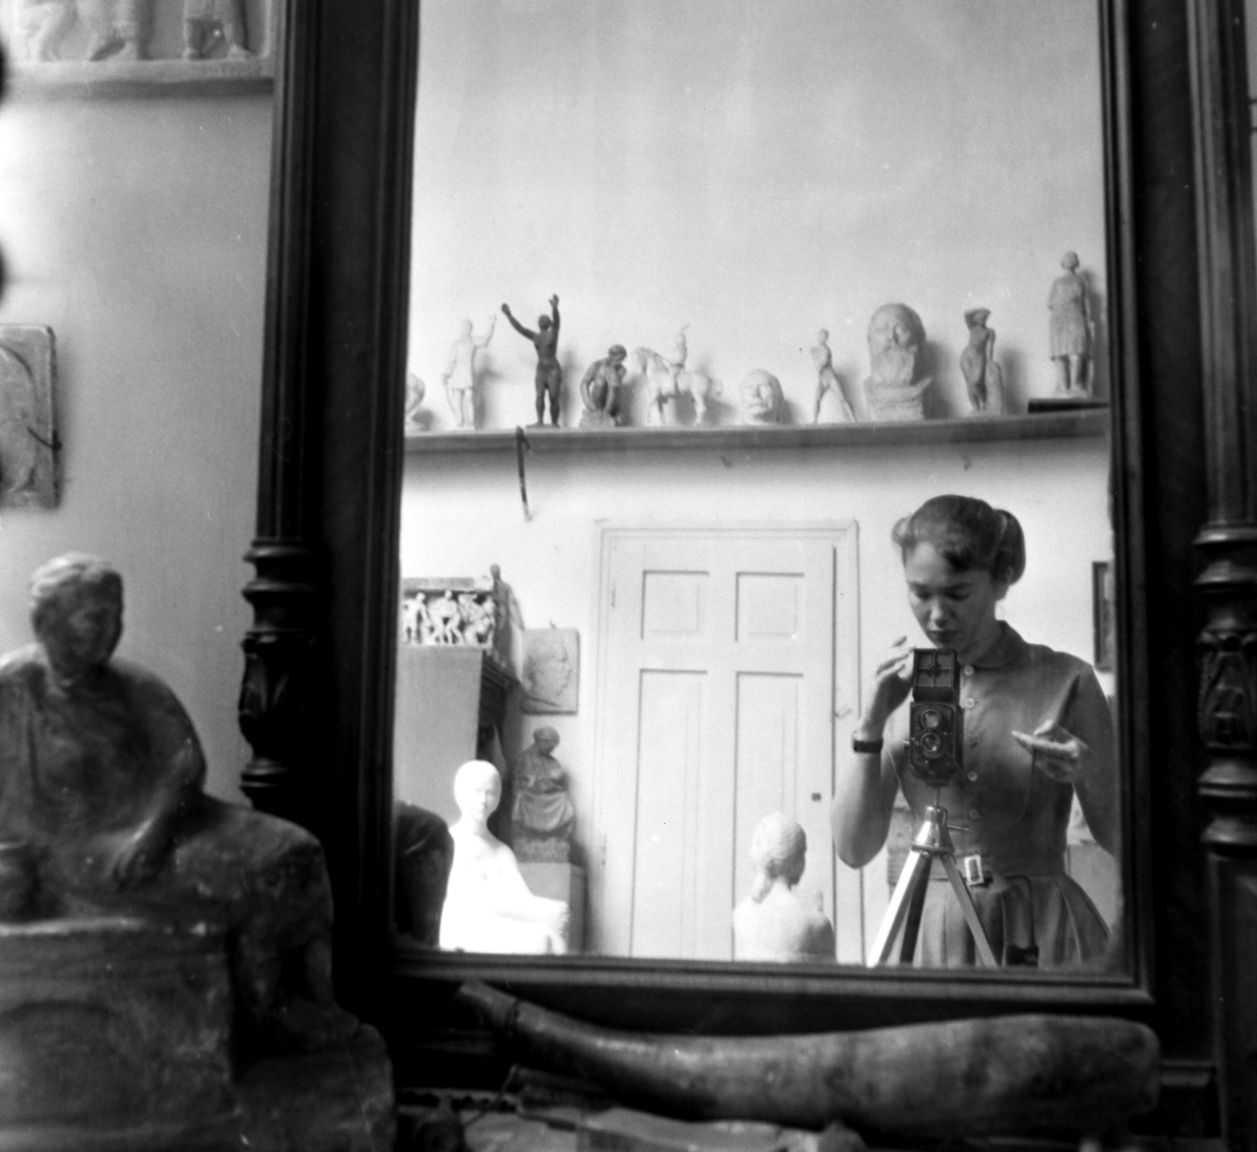 Önportré szobrok, kisplasztikák és minták otthonos, gyerekkort idéző világában. Szenczi Mária Medgyessy Ferenc szobrászművész Százados úti műtermében